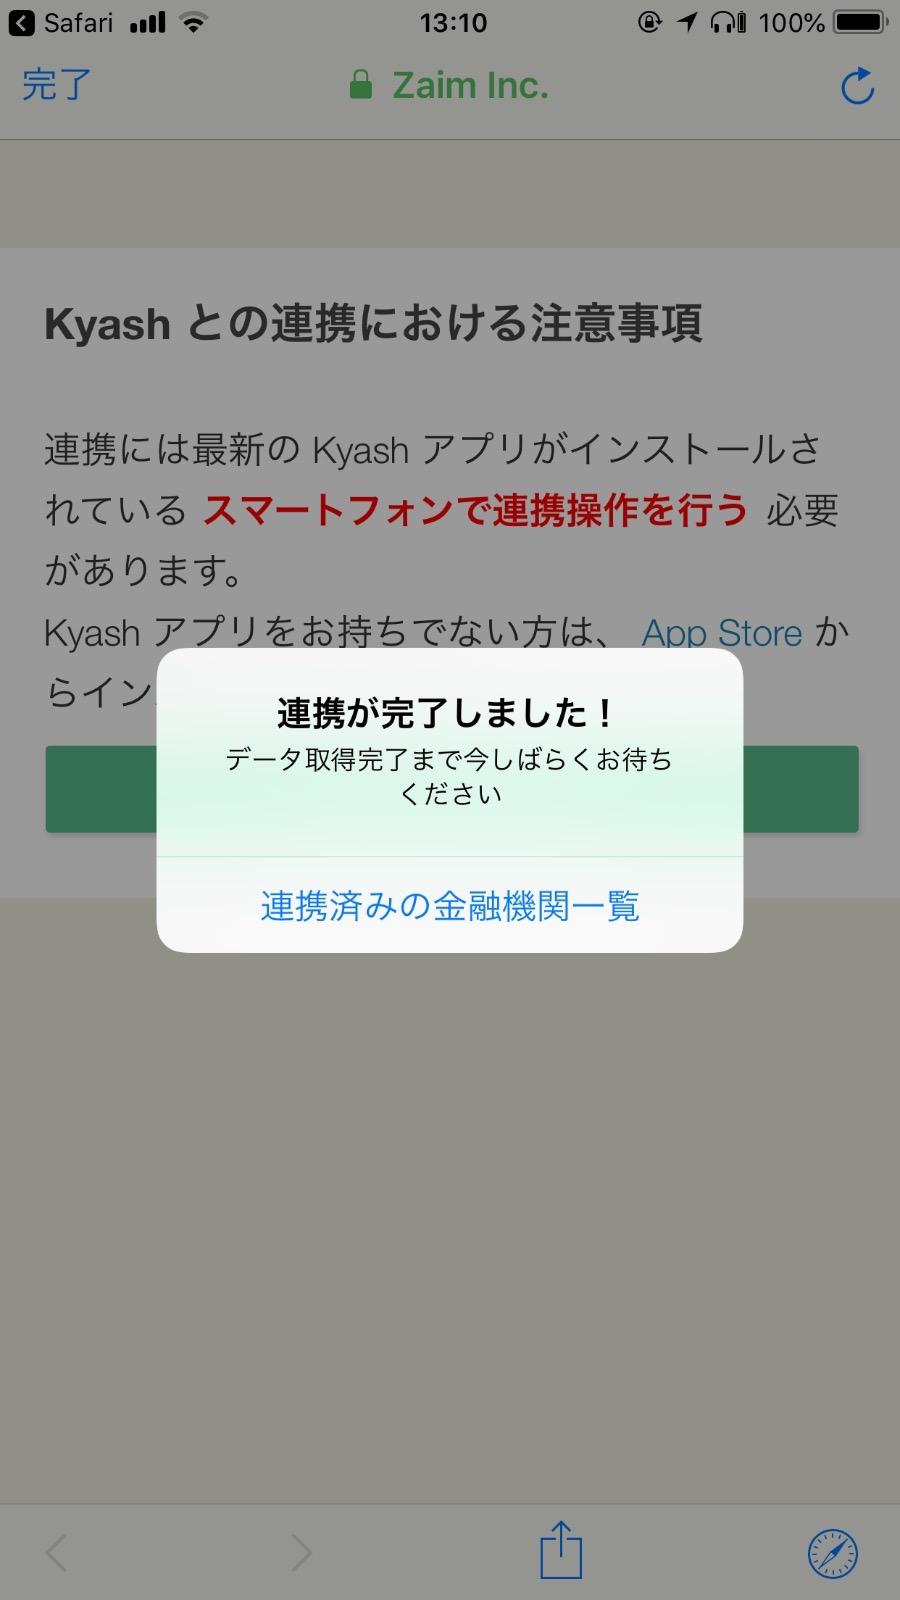 Kyash Zaim 連携 09